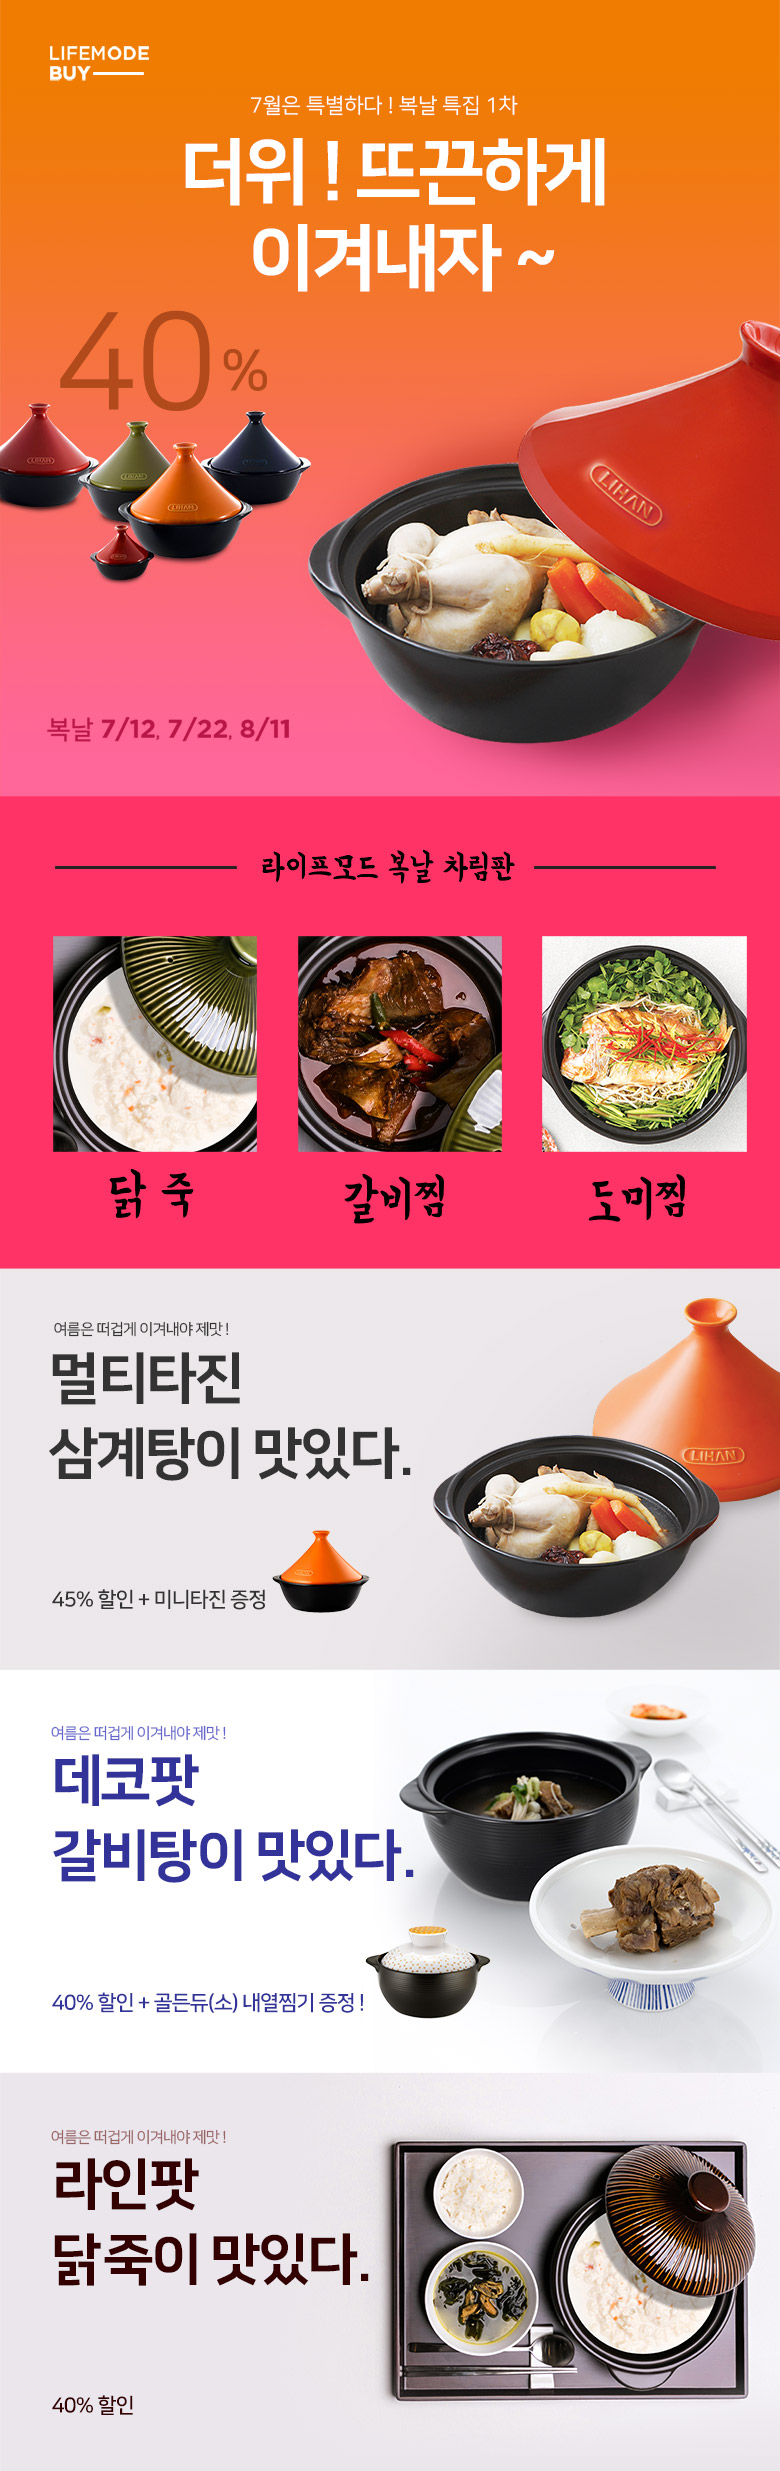 한국도자기 찬스7